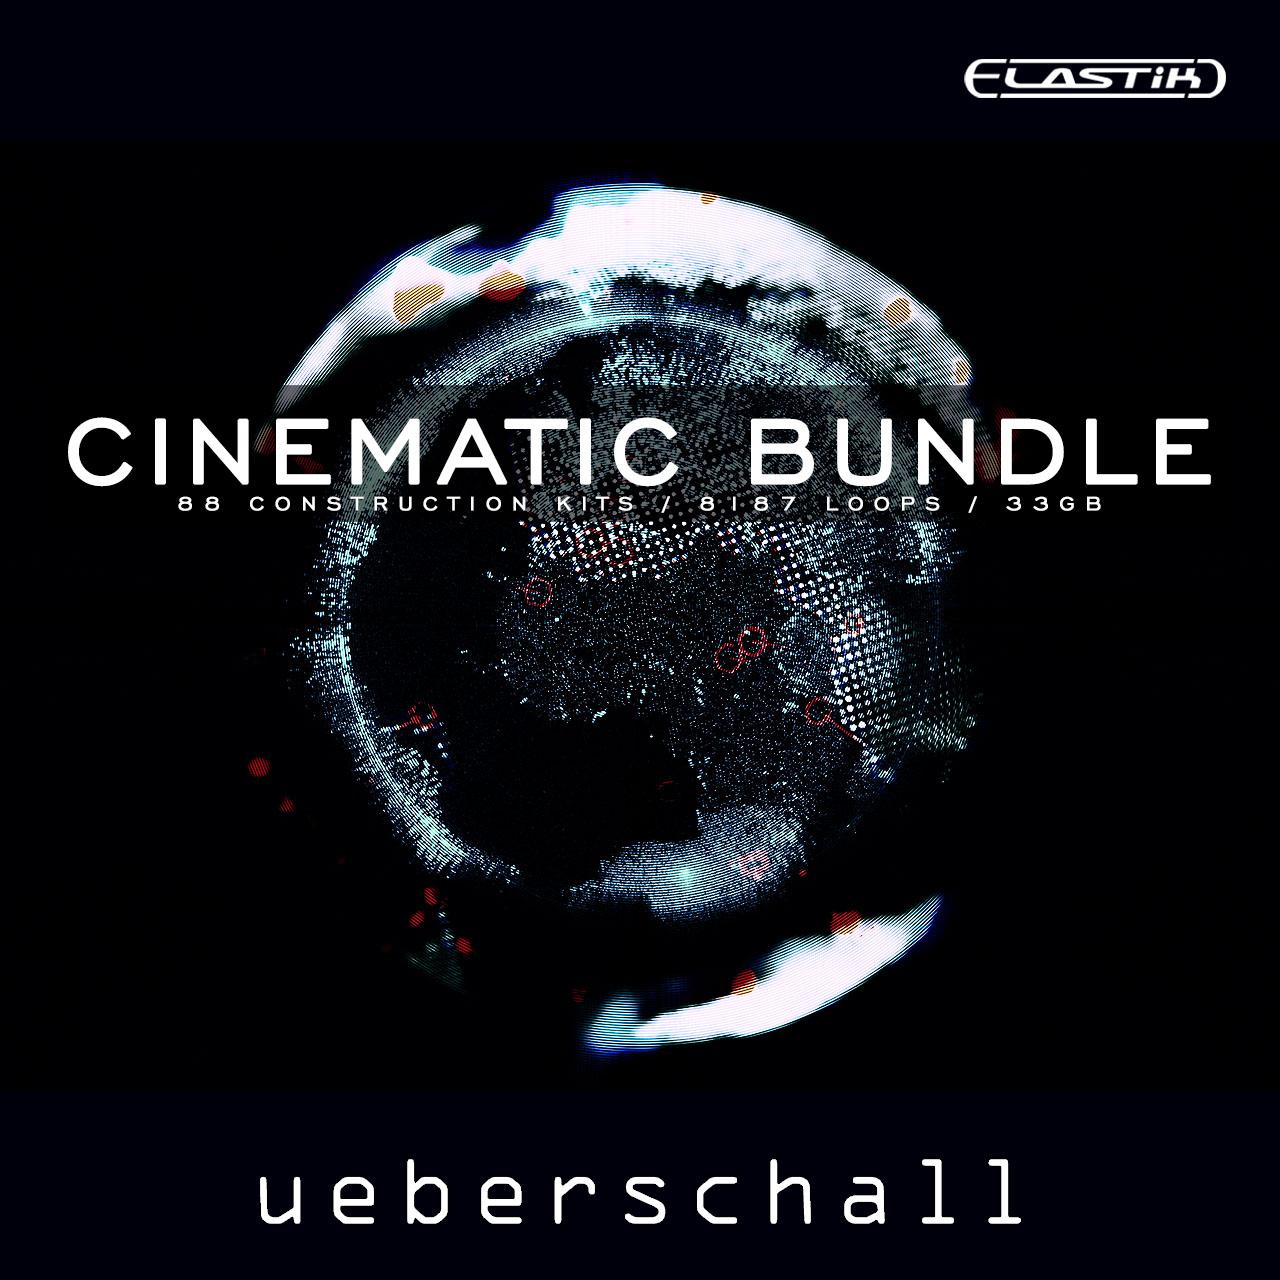 Cinematic Bundle